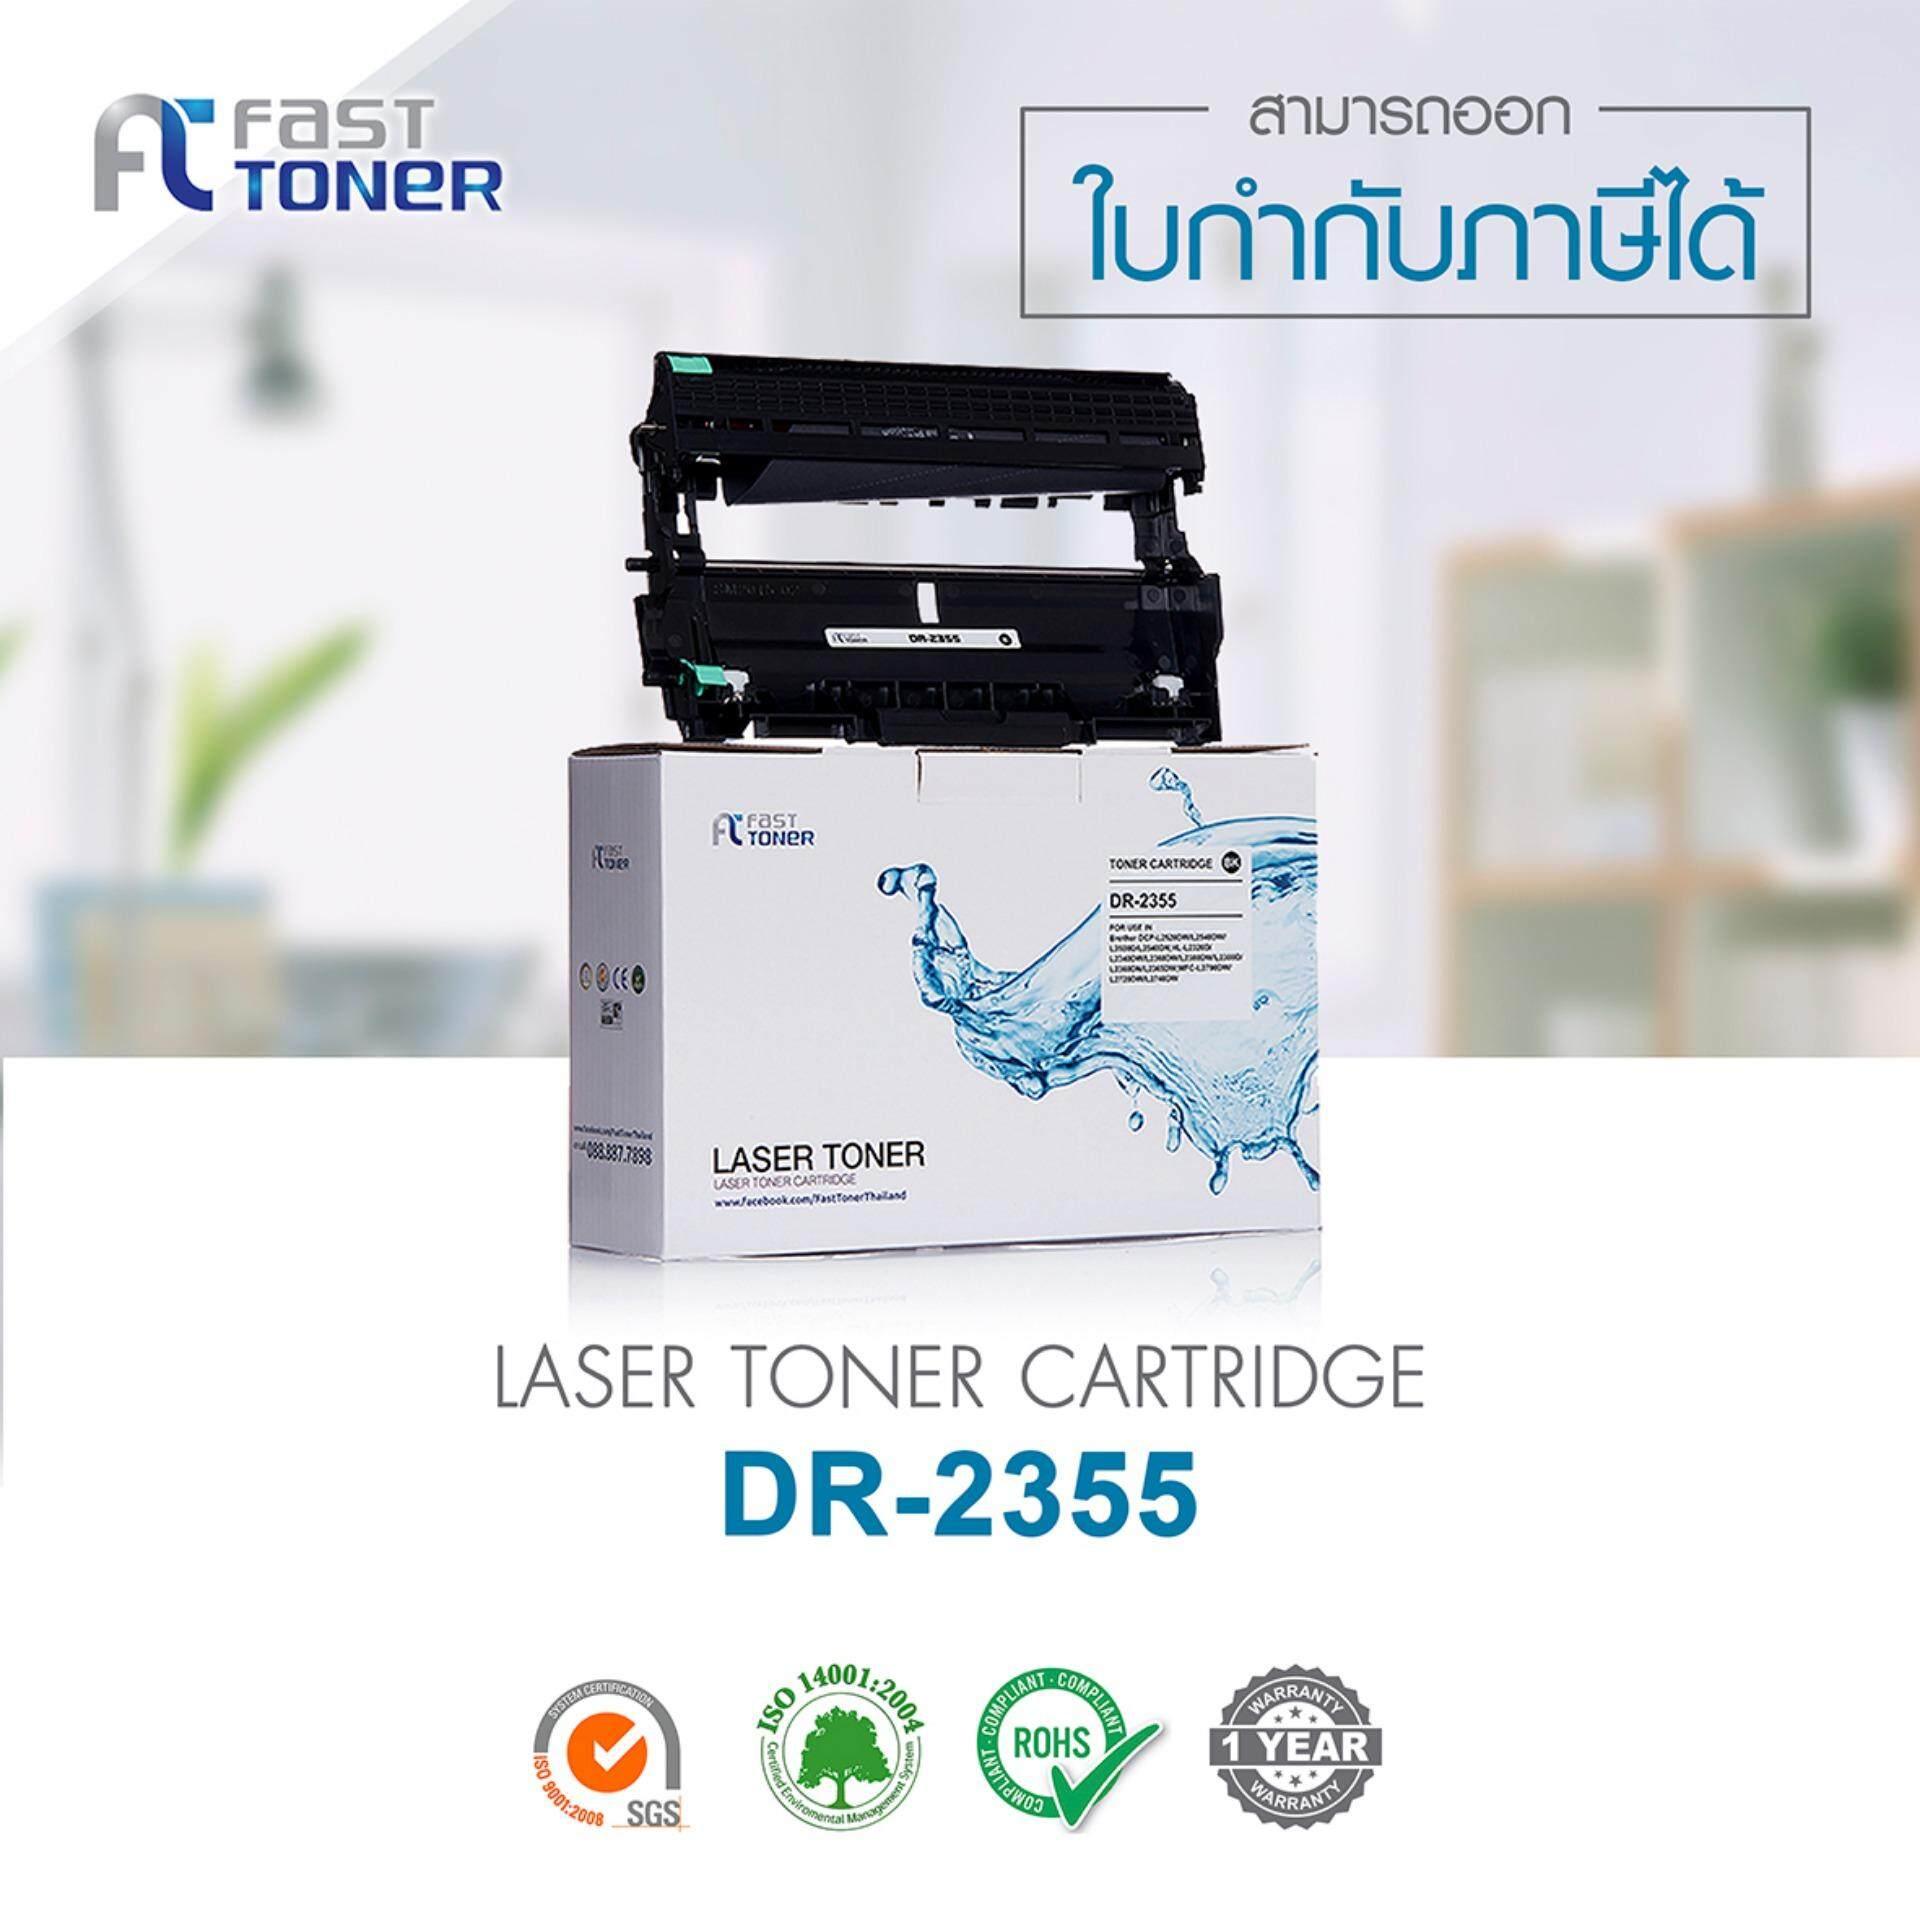 ซื้อ Fast Toner Drum Brother Dr 2355 Hl L2360Dn Hl L2365Dw Mfc L2700D Mfc L2700Dw Mfc L2740Dw สีดำ ปริมาณการพิมพ์ 12 000 แผ่น ใหม่ล่าสุด